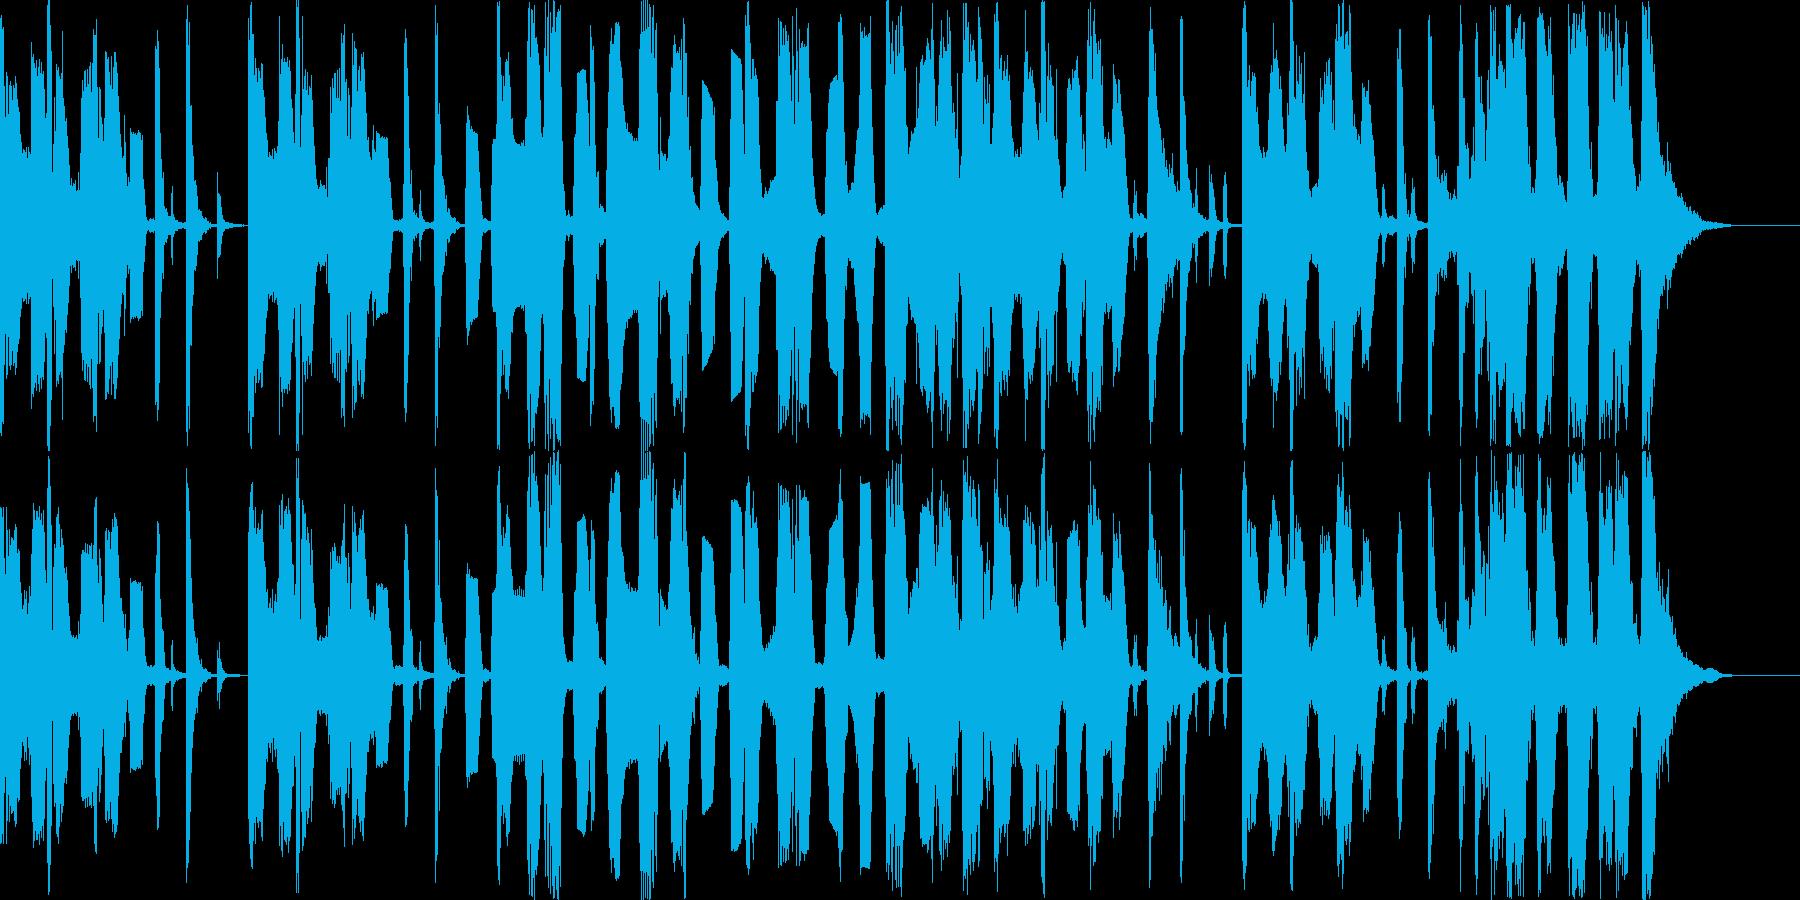 ポップテイストのBGMの再生済みの波形